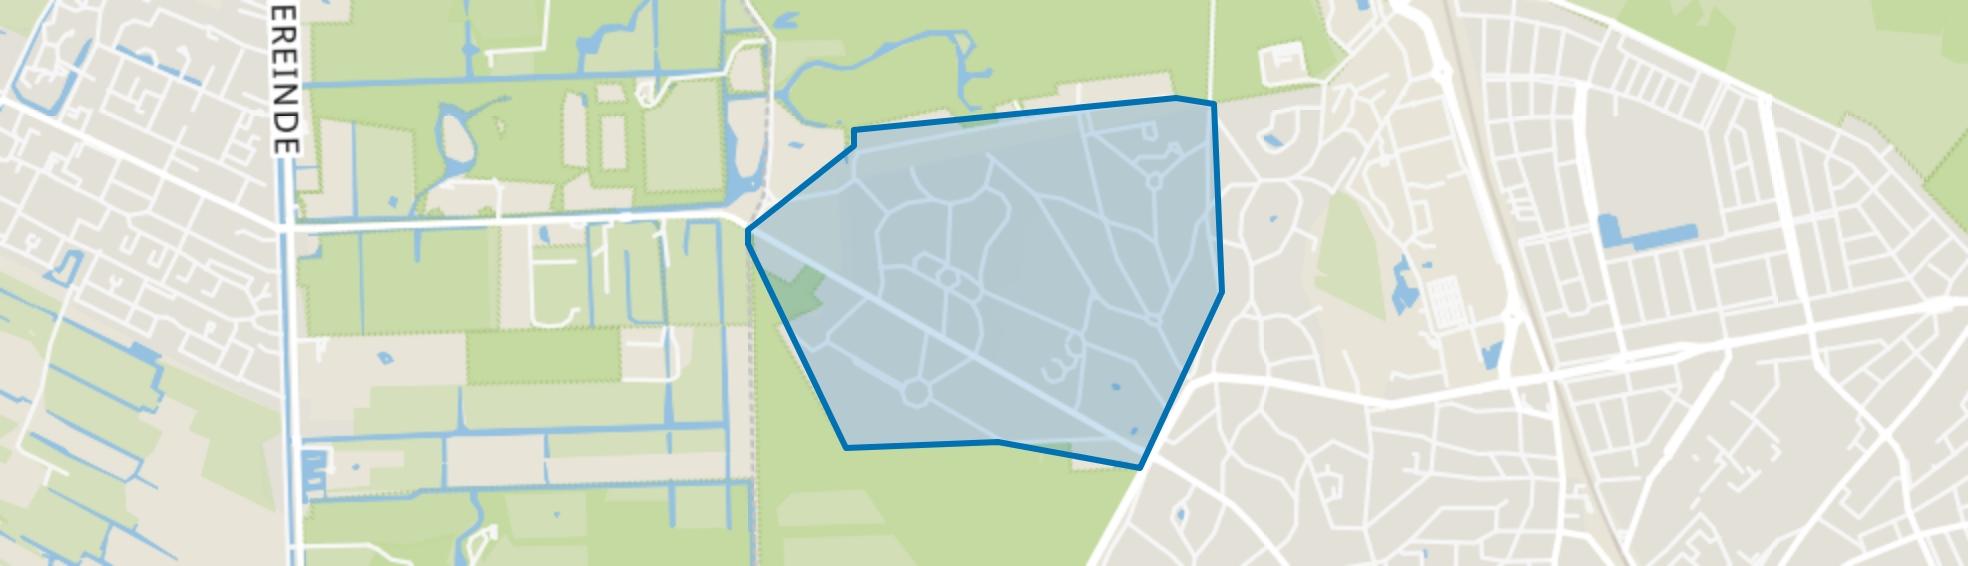 Villaparken, Hilversum map